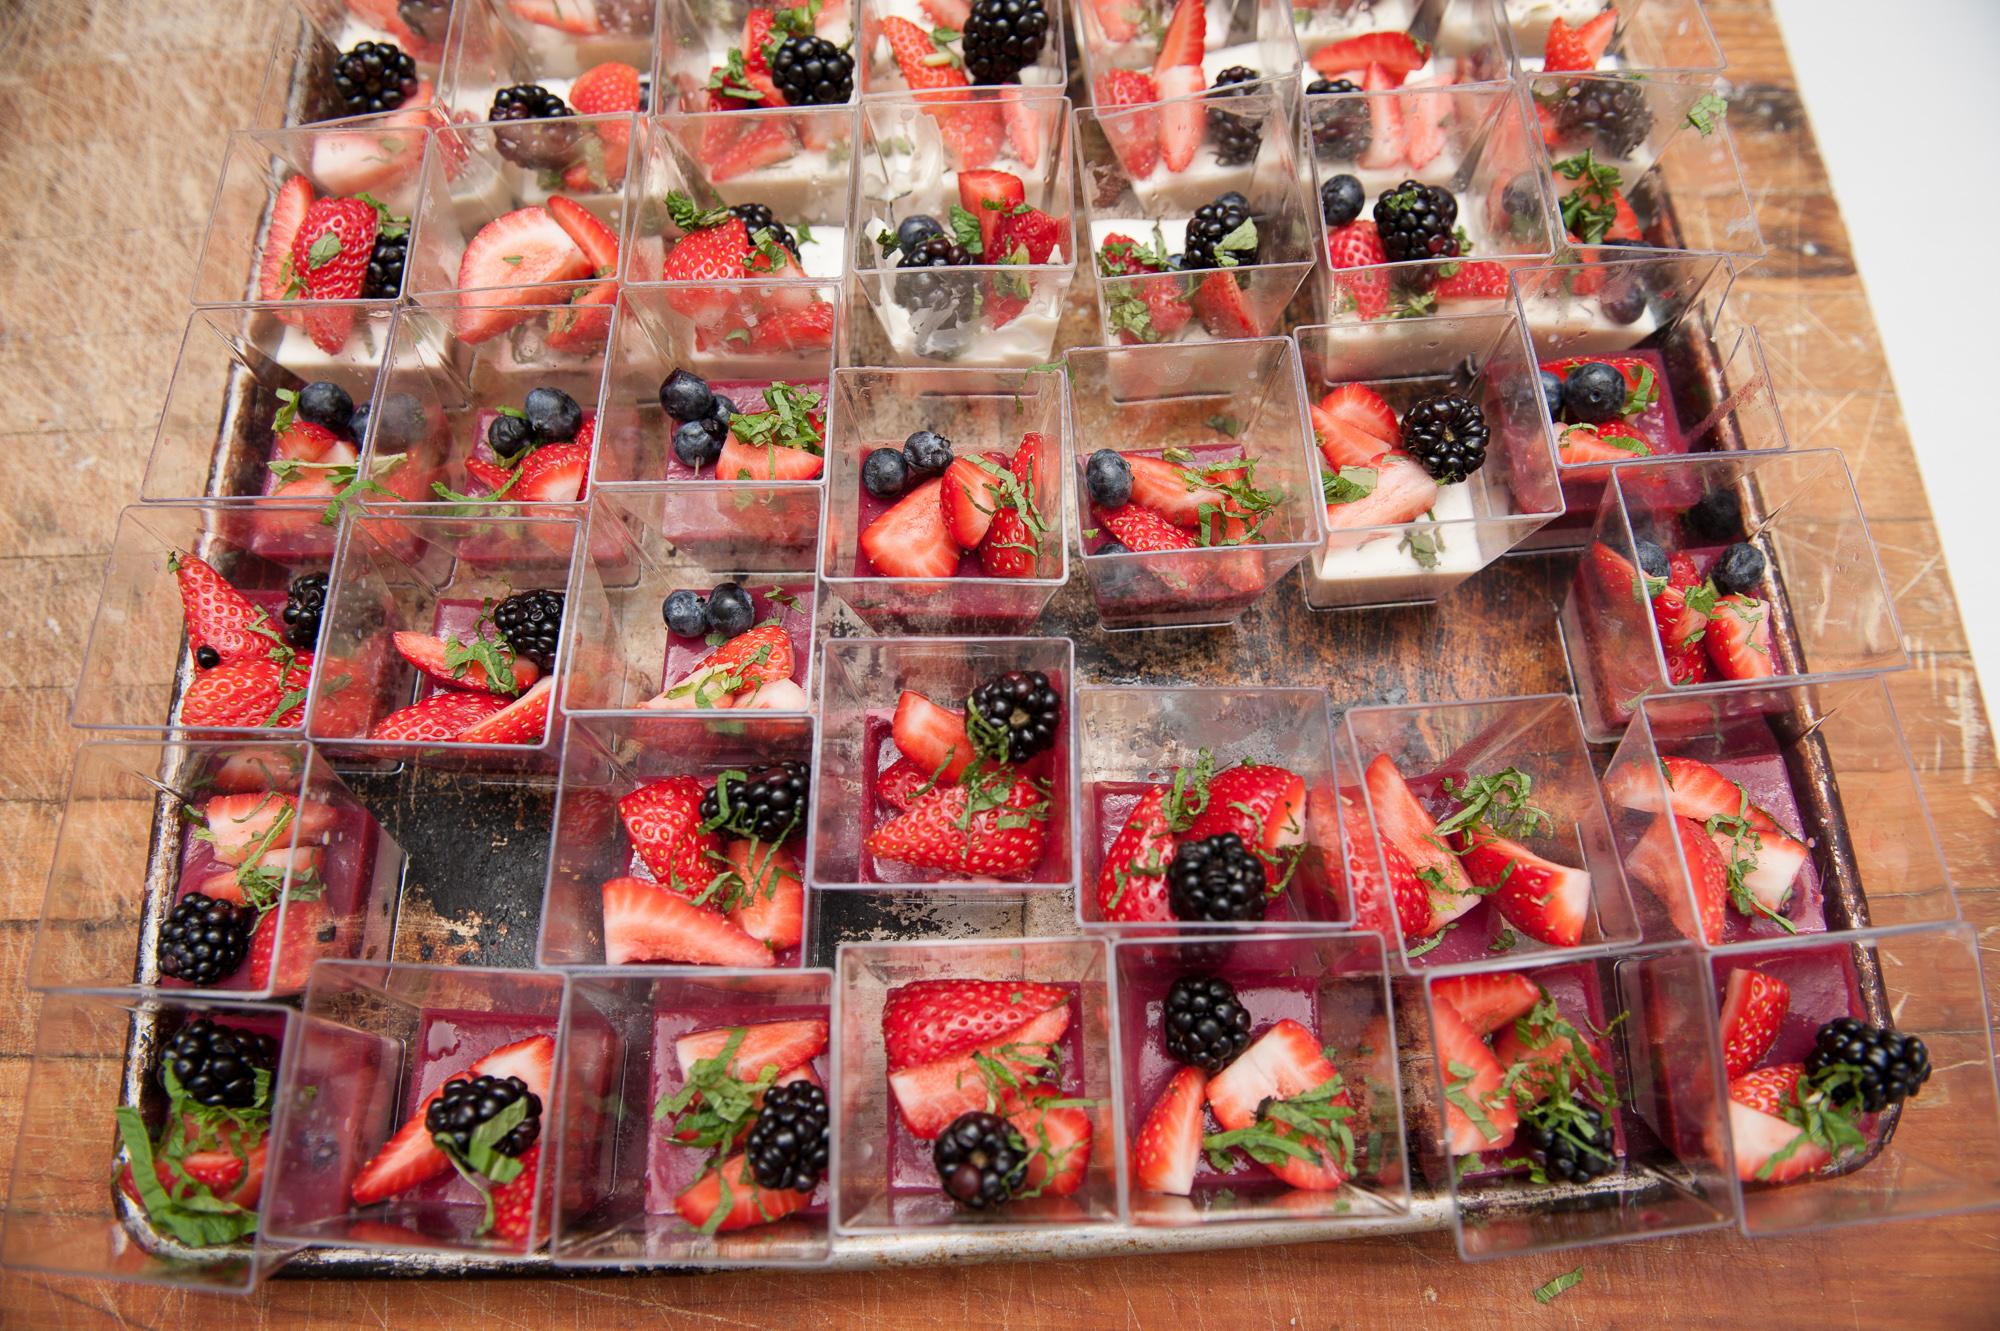 cafe422_boardmangala_foodstaff_d5group-16.jpg